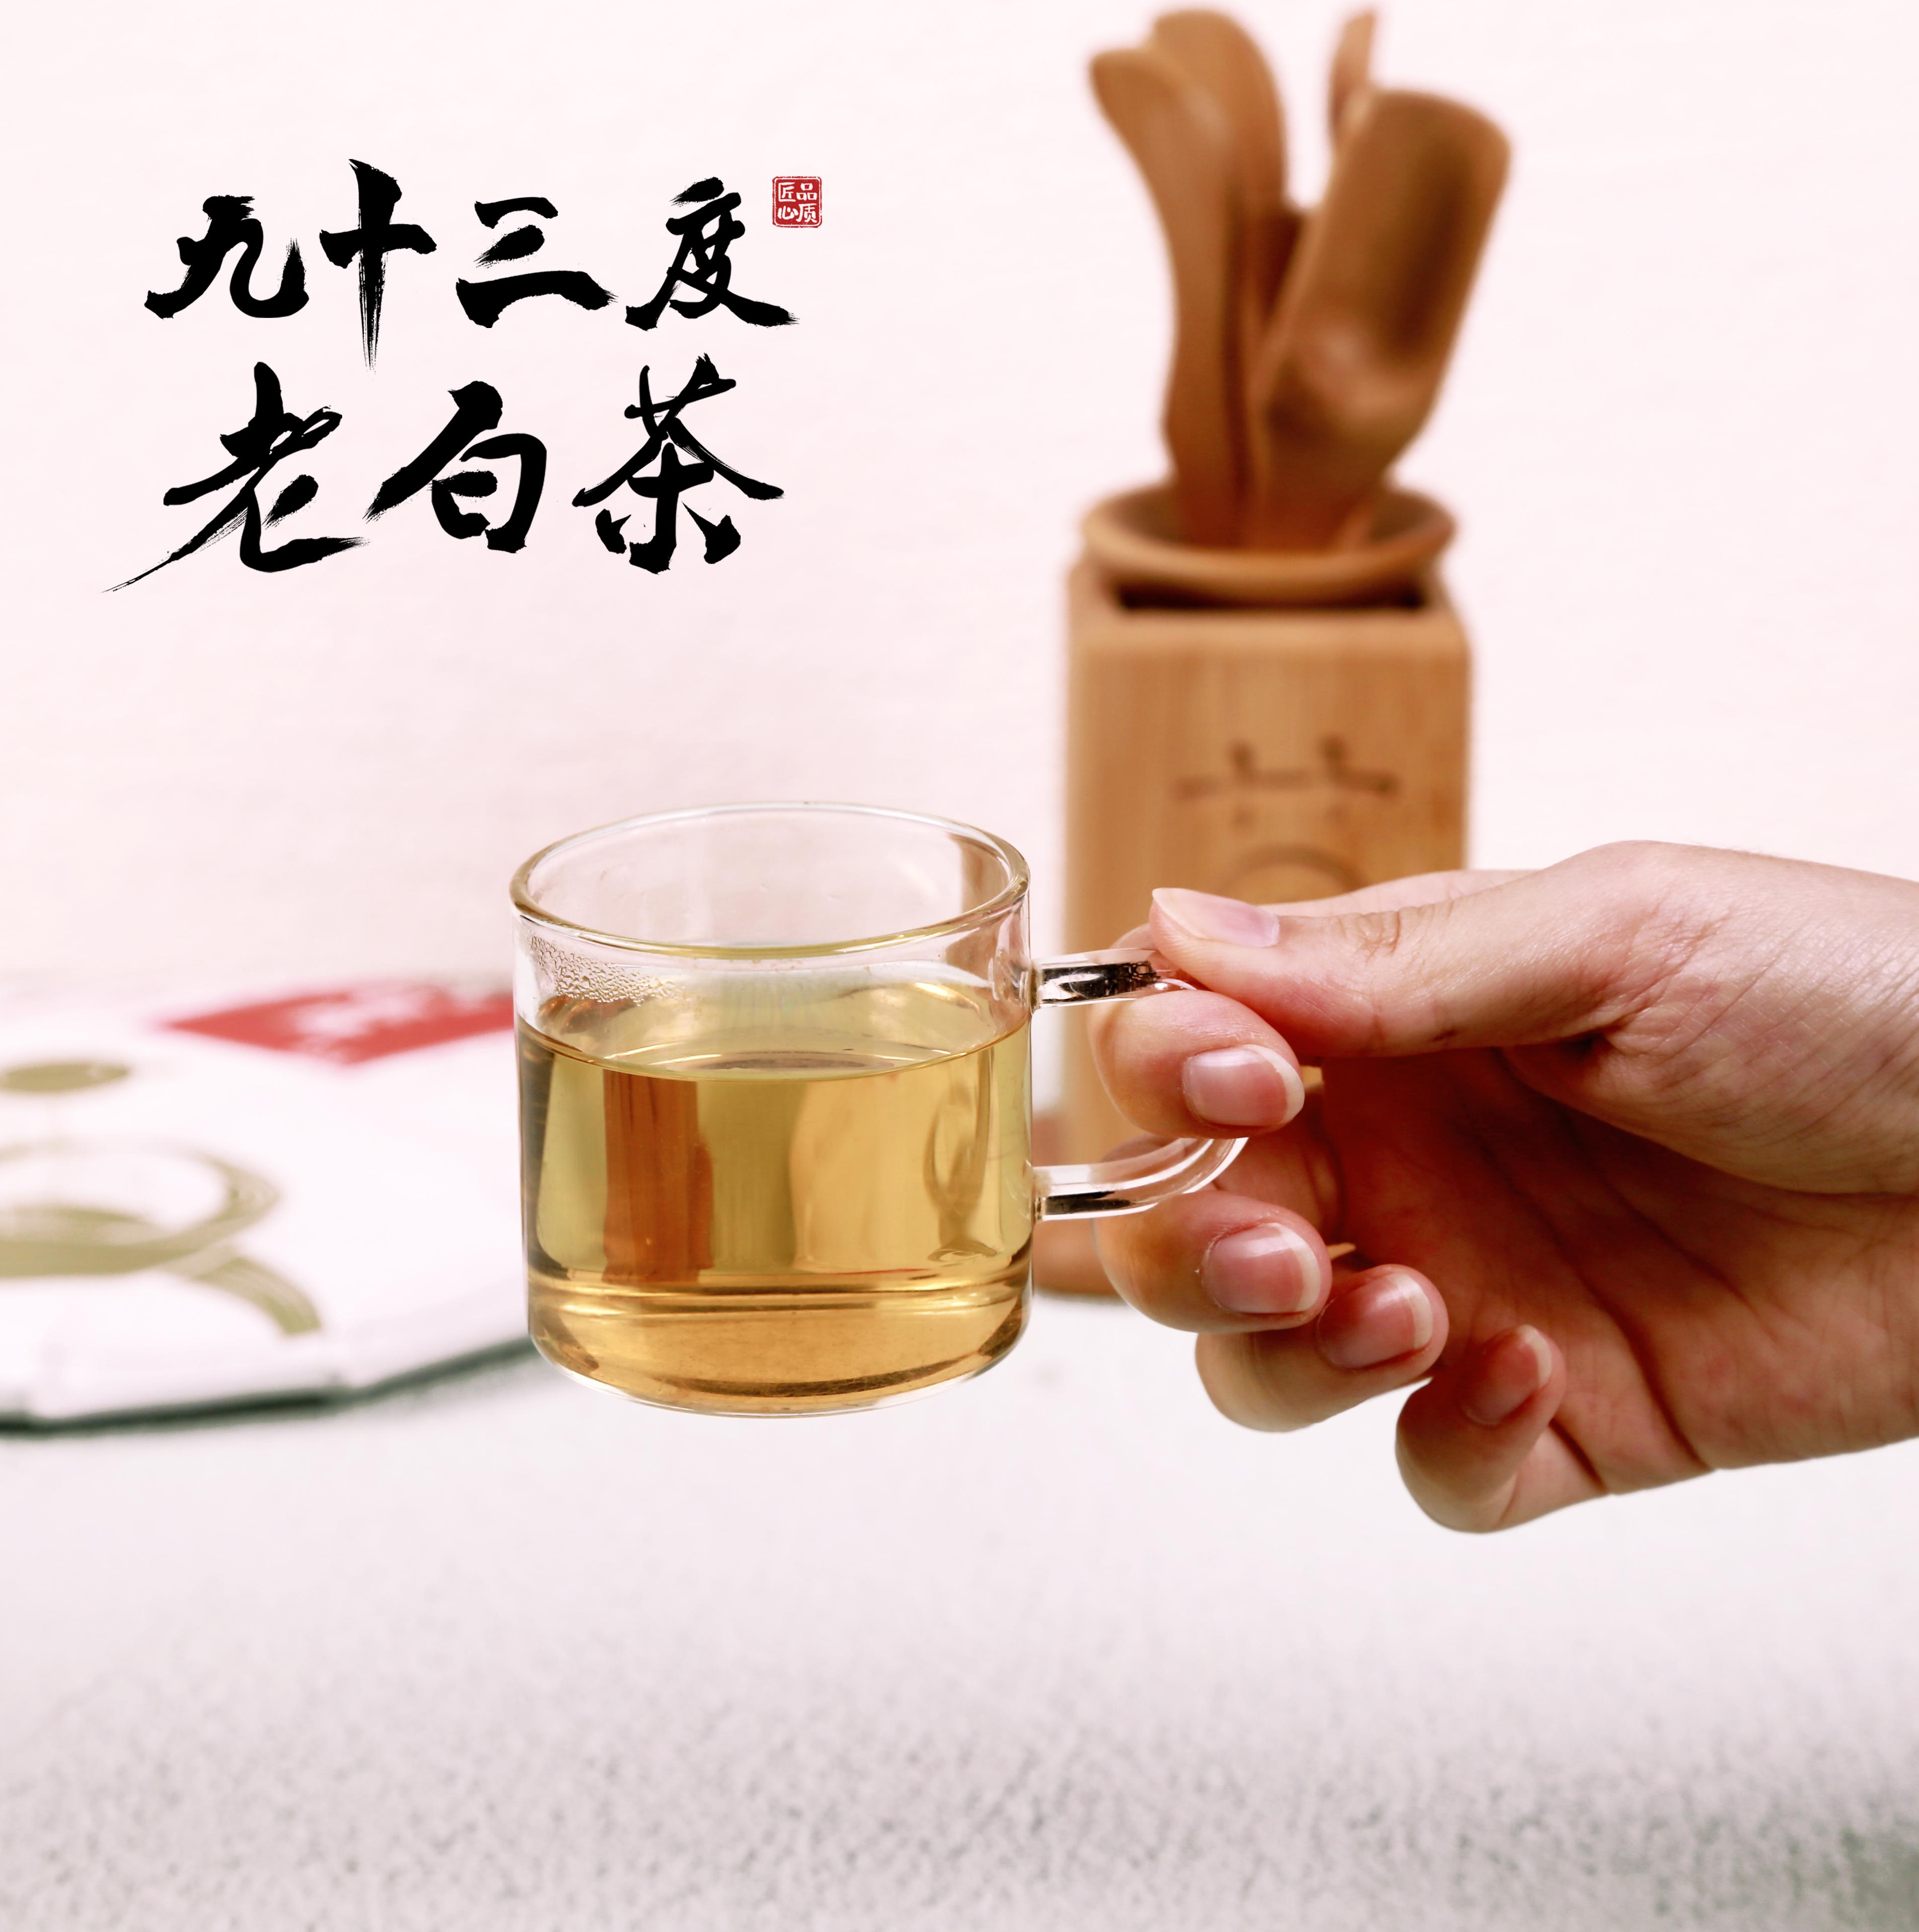 九十三度老白茶 | 白茶,究竟是什么茶?